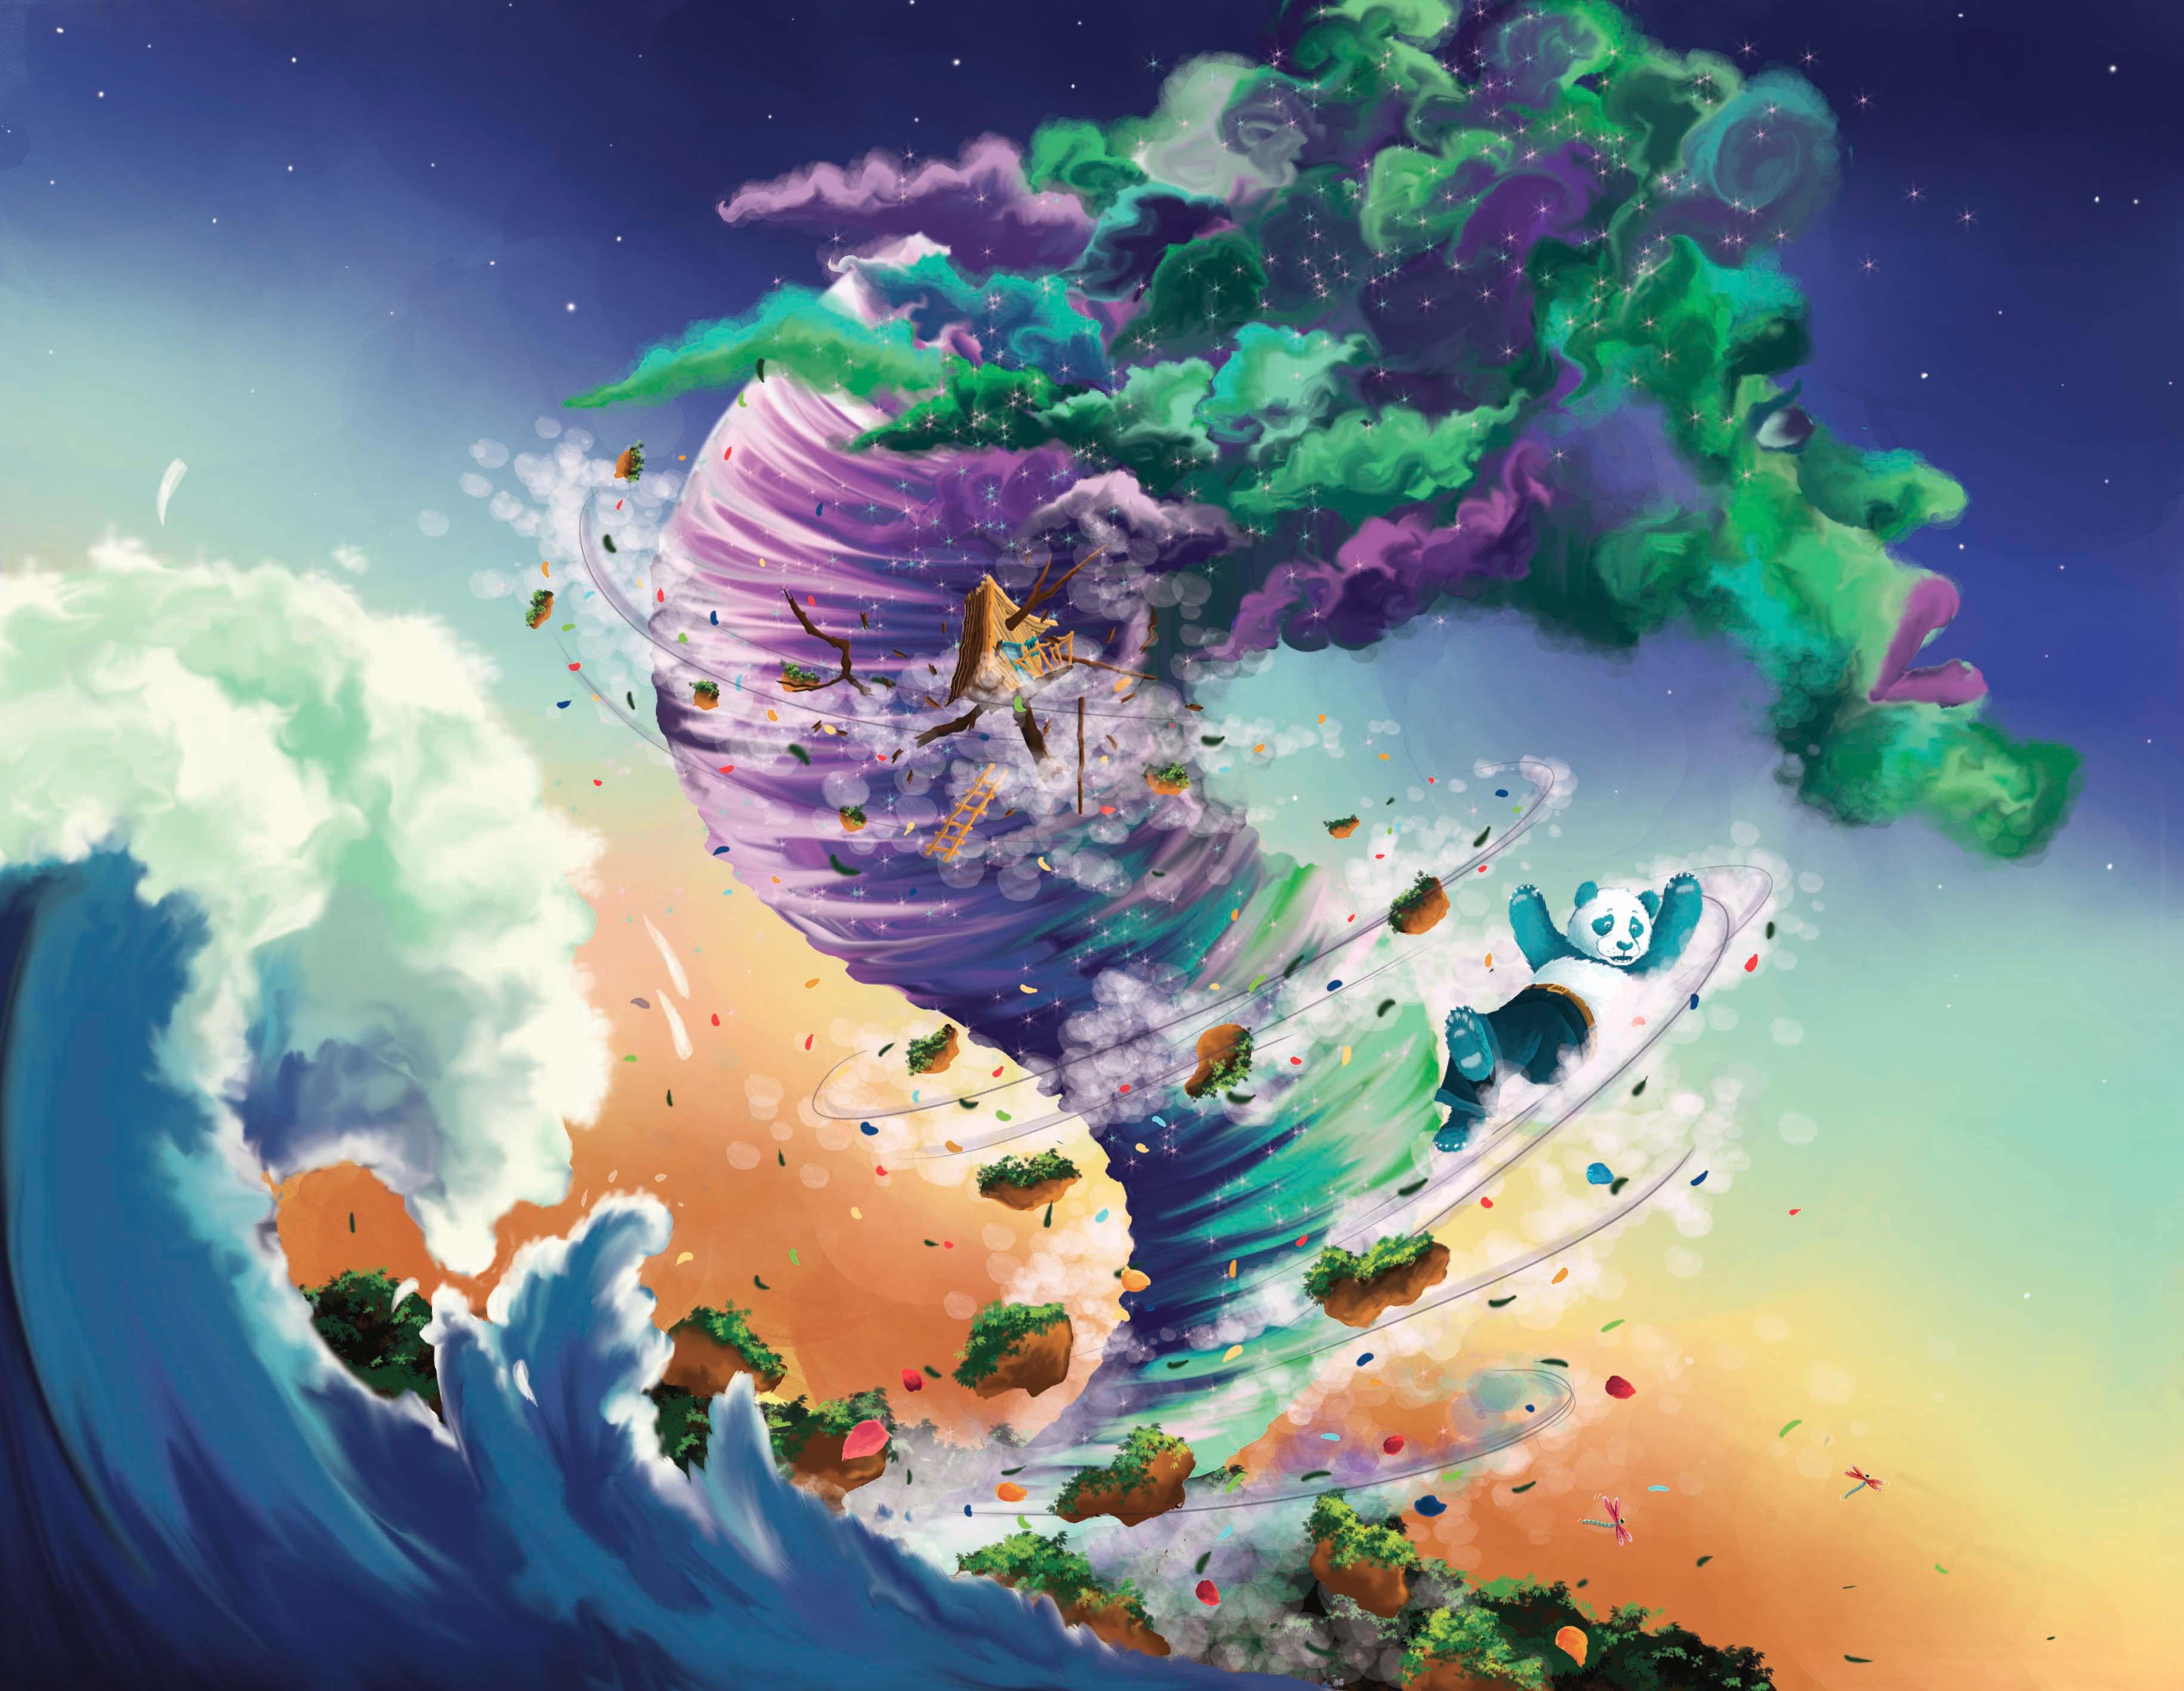 Ulysse et le grimoire de l'univers illustration Laplikili